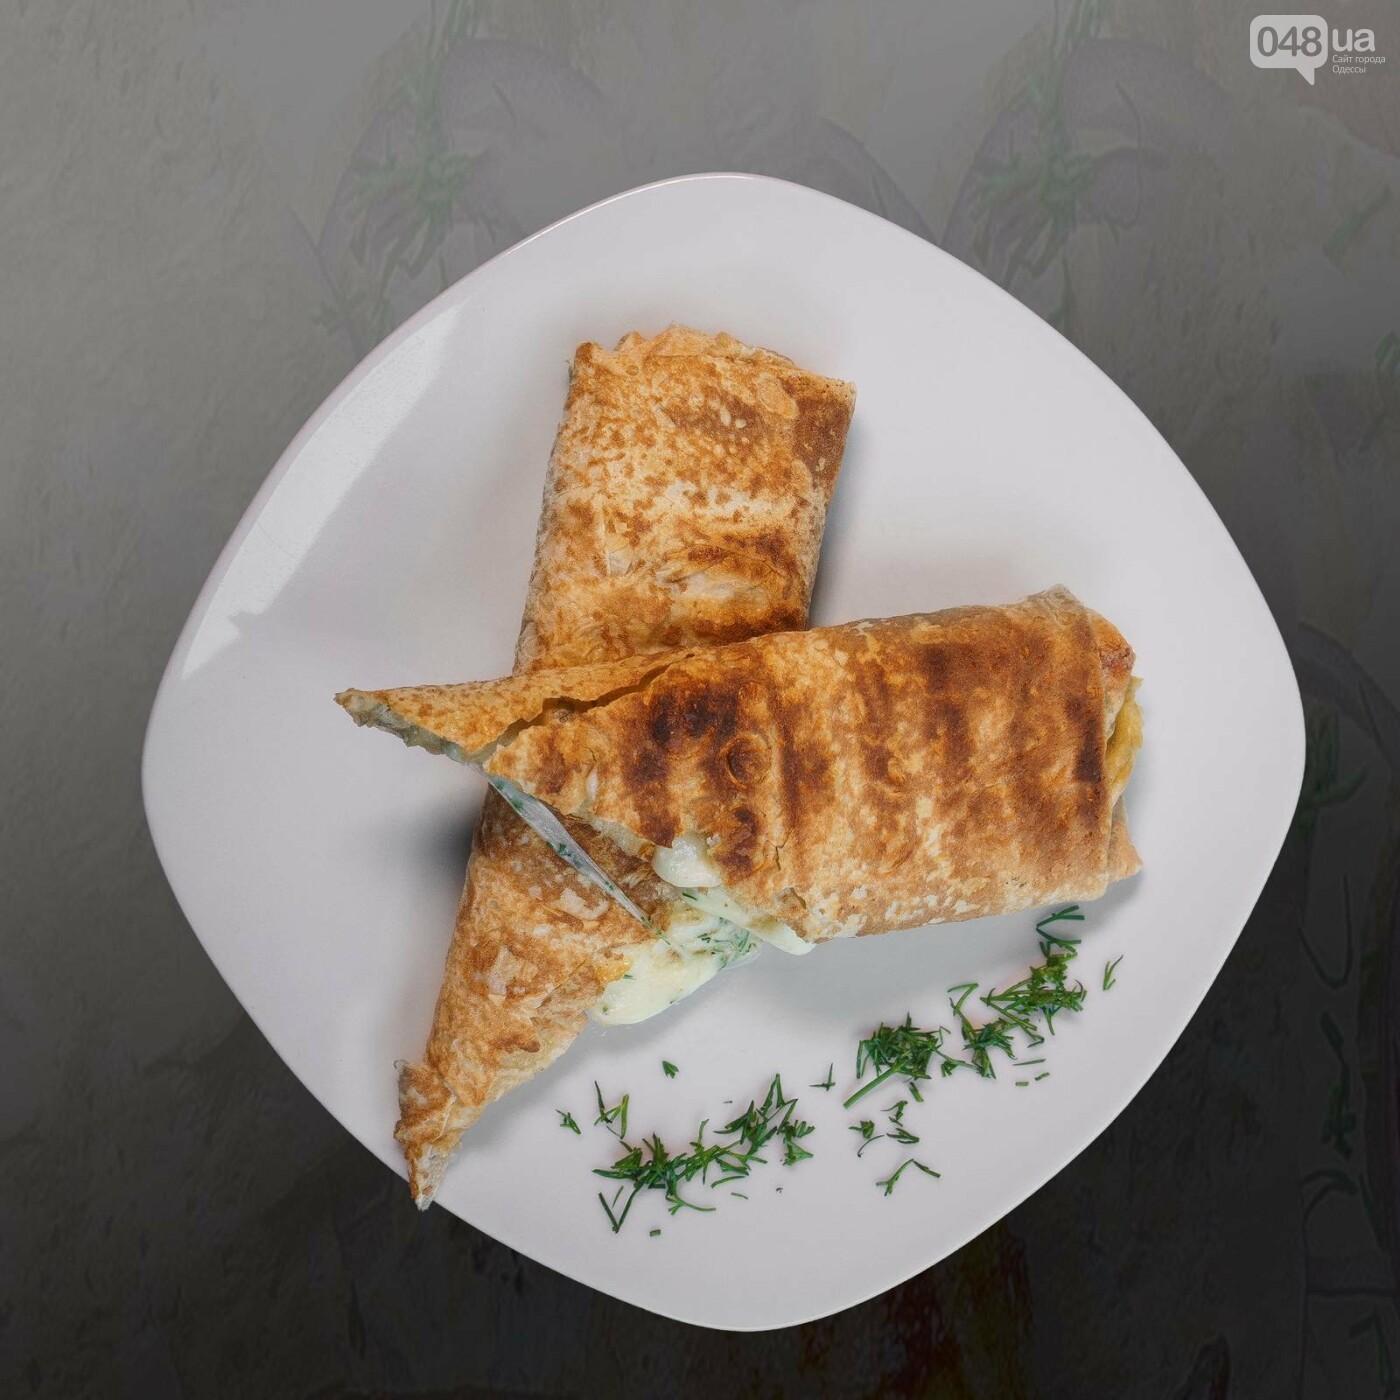 Доставка еды -популярные доставки Одессы, фото-49